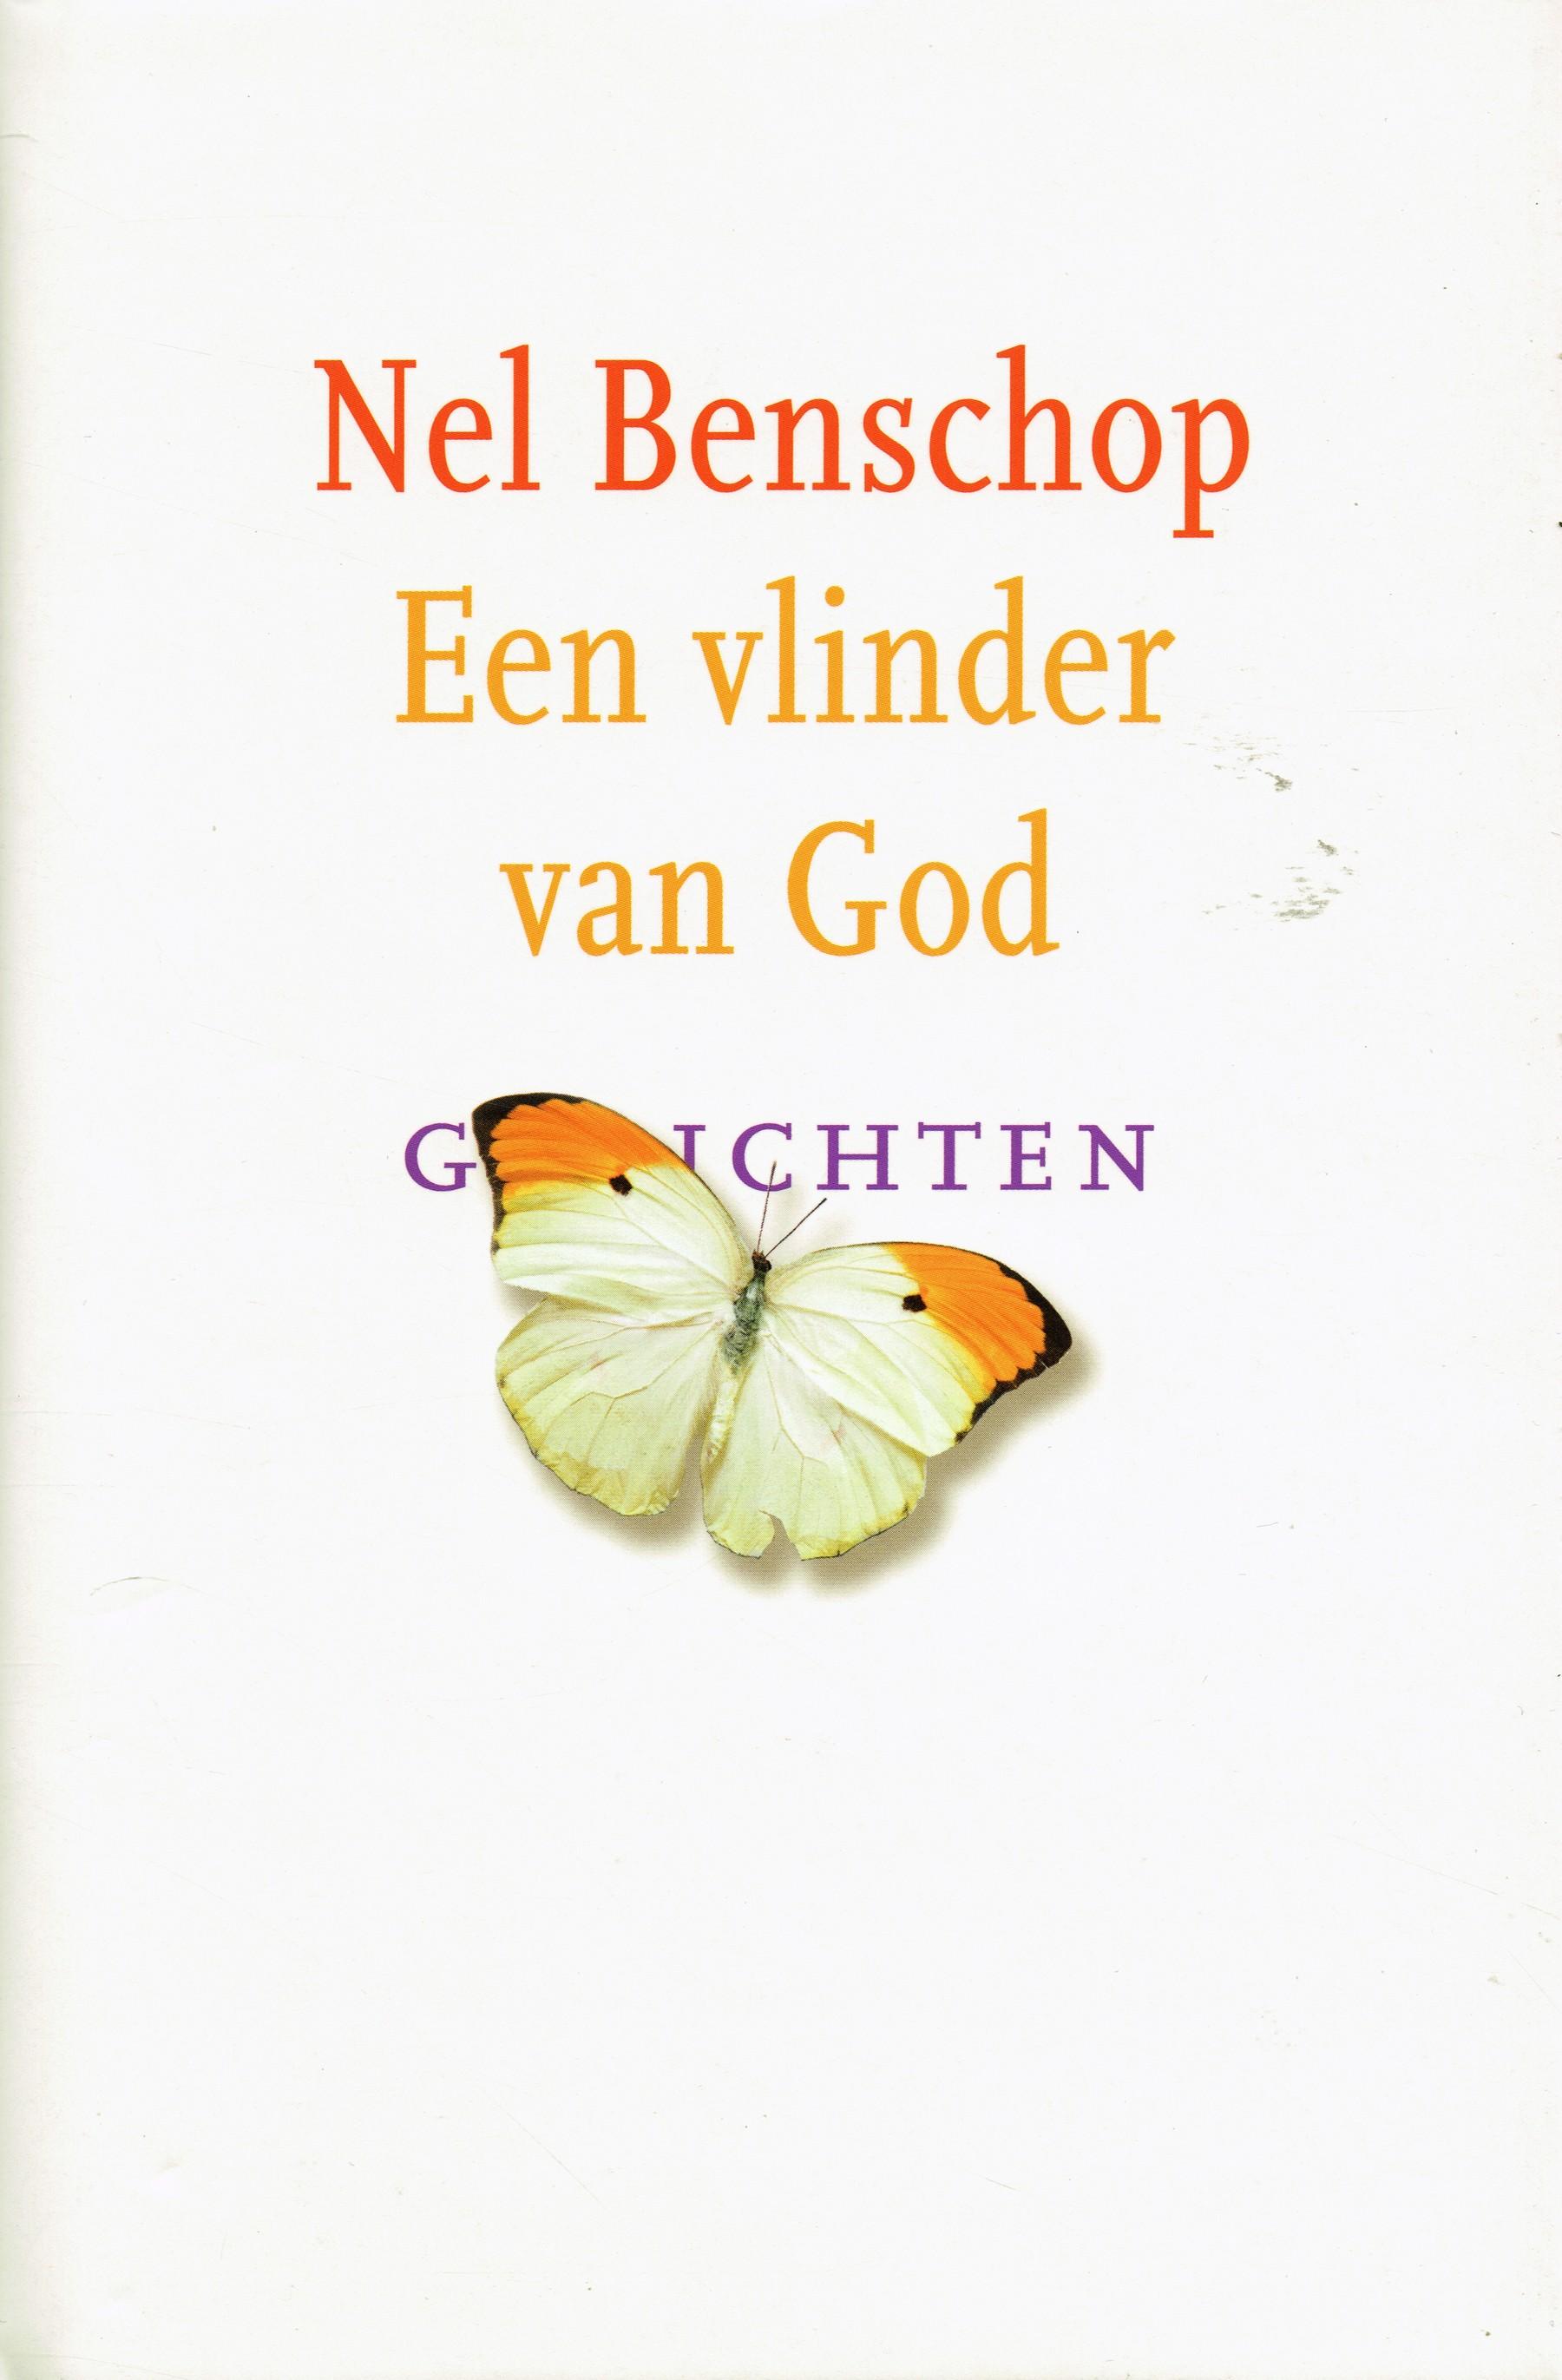 Bekend Een vlinder van God op Ramsj.nl #NS71